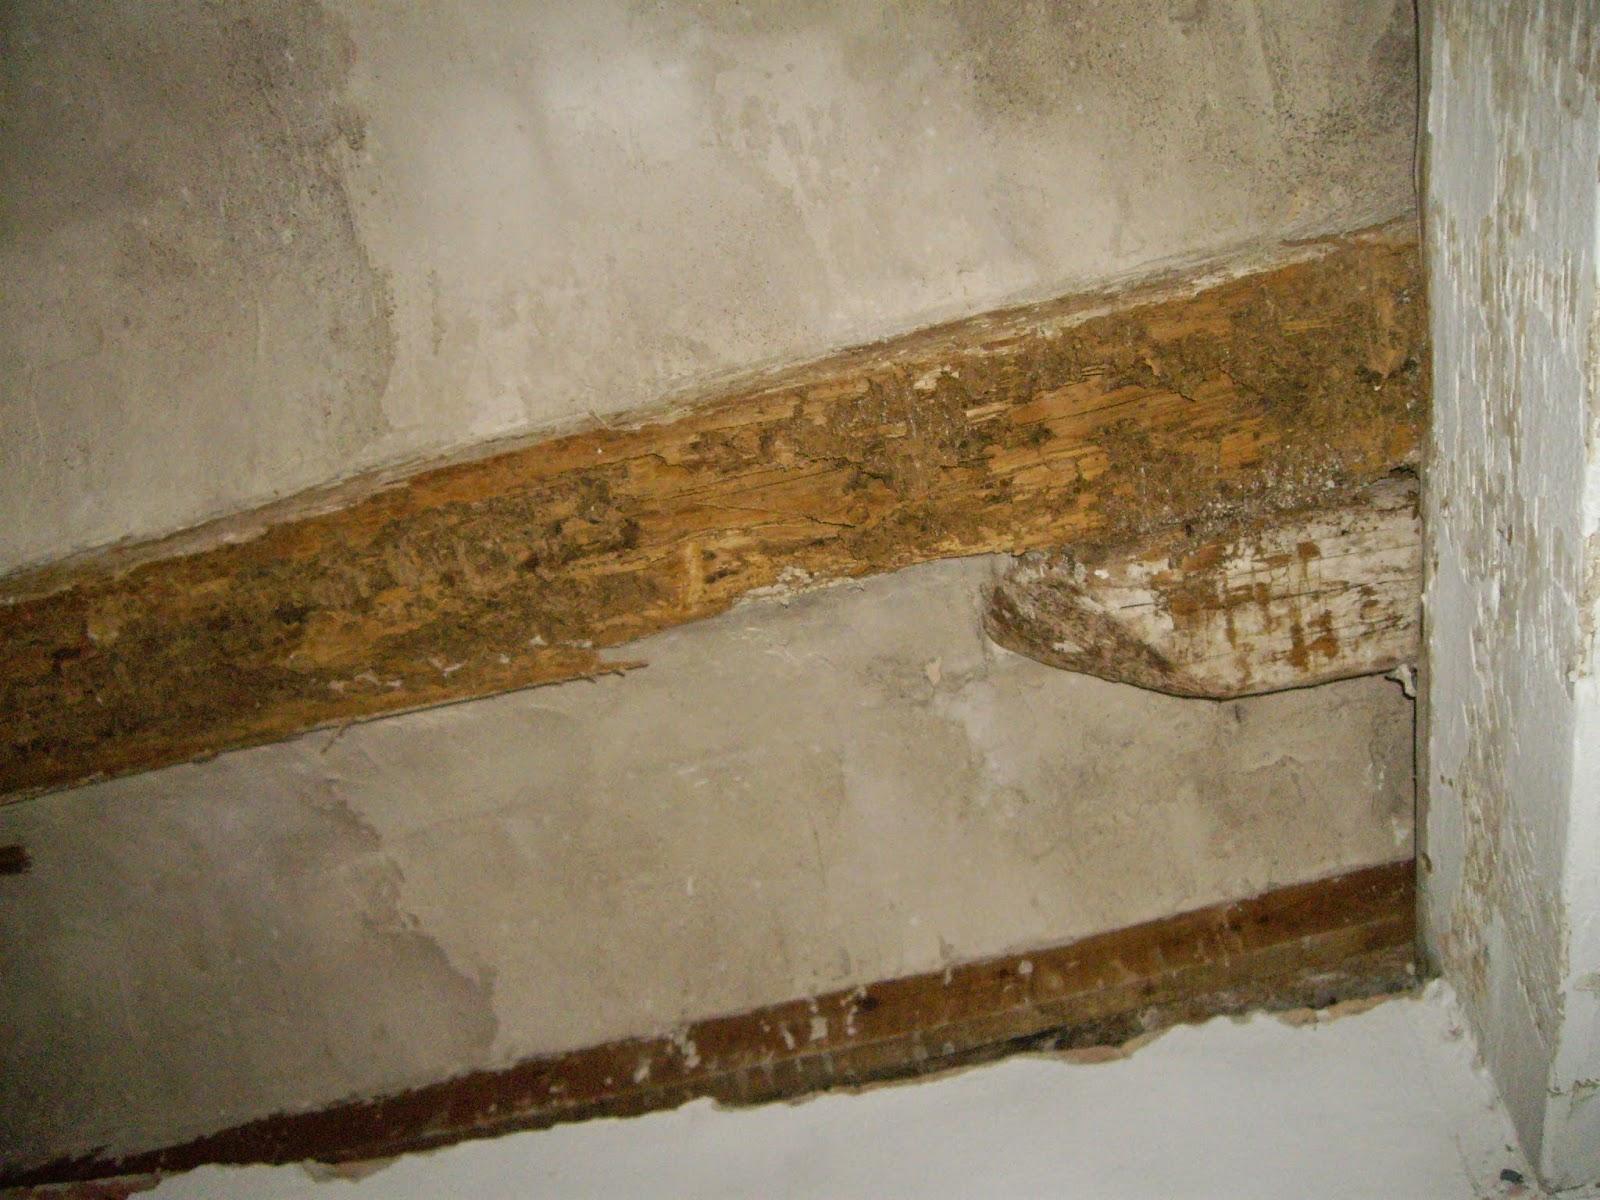 Arte de cuidar la madera la termita y su tratamiento - Tratamiento carcoma madera ...